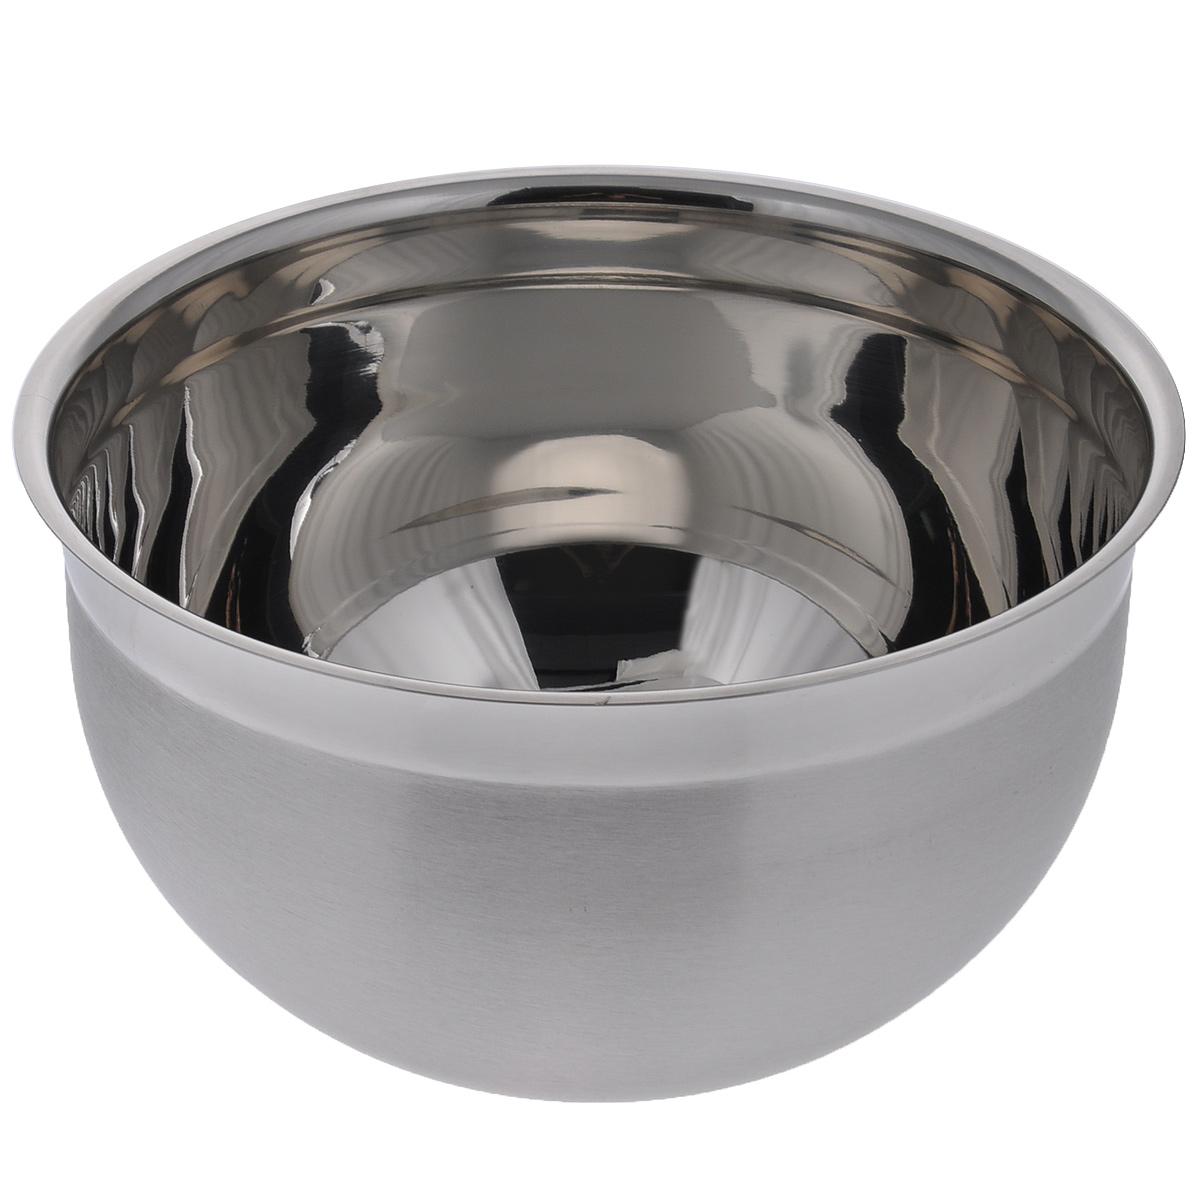 Миска Tescoma Delicia, диаметр 24 см115510Миска Tescoma Delicia, изготовленная из высококачественной нержавеющей стали, просто незаменимая вещь на кухне любой современной хозяйки. С ней приготовление и употребление пищи переходит на качественно новый уровень. Вы сможете использовать ее для замешивания теста, приготовления салата, мытья овощей и многих других кулинарных операций.Можно мыть в посудомоечной машине.